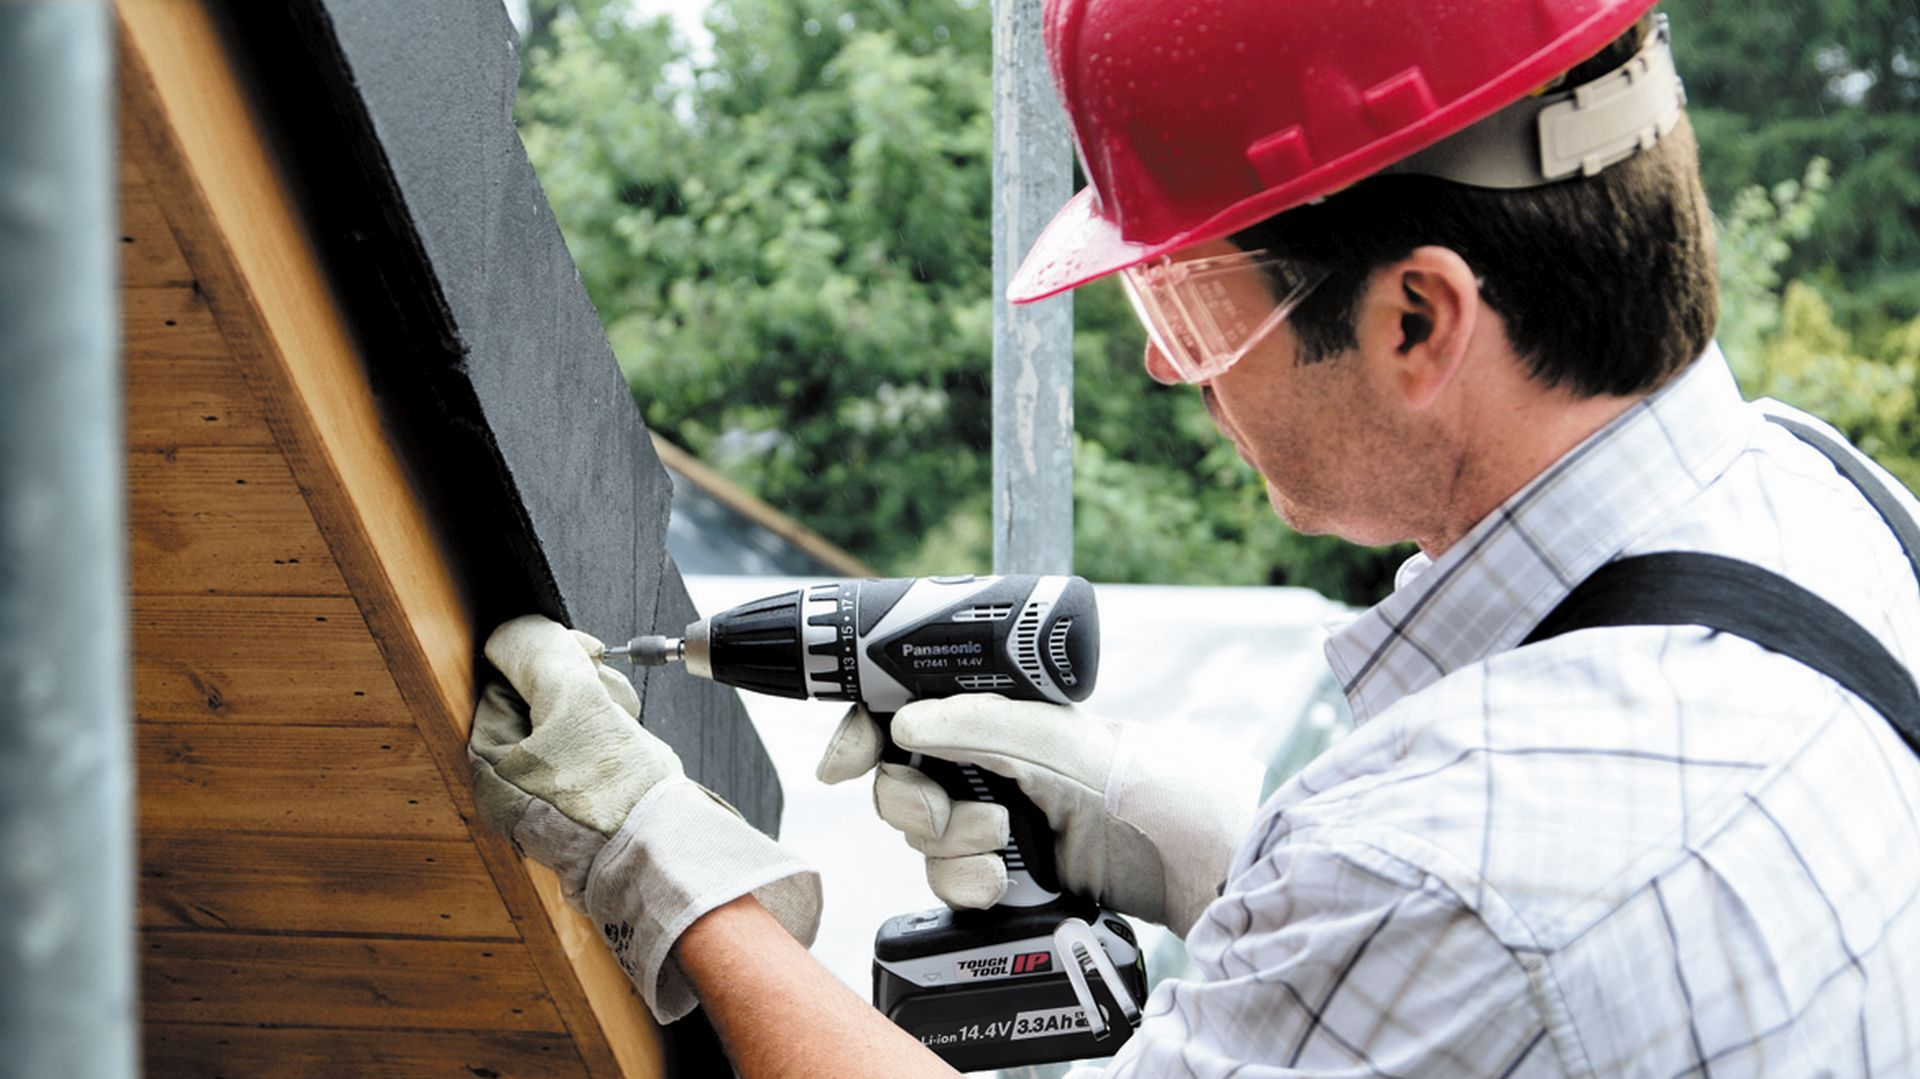 Nowoczesna wkrętarka to narzędzie niezbędne przy drobnych domowych naprawach. Fot. Panasonic